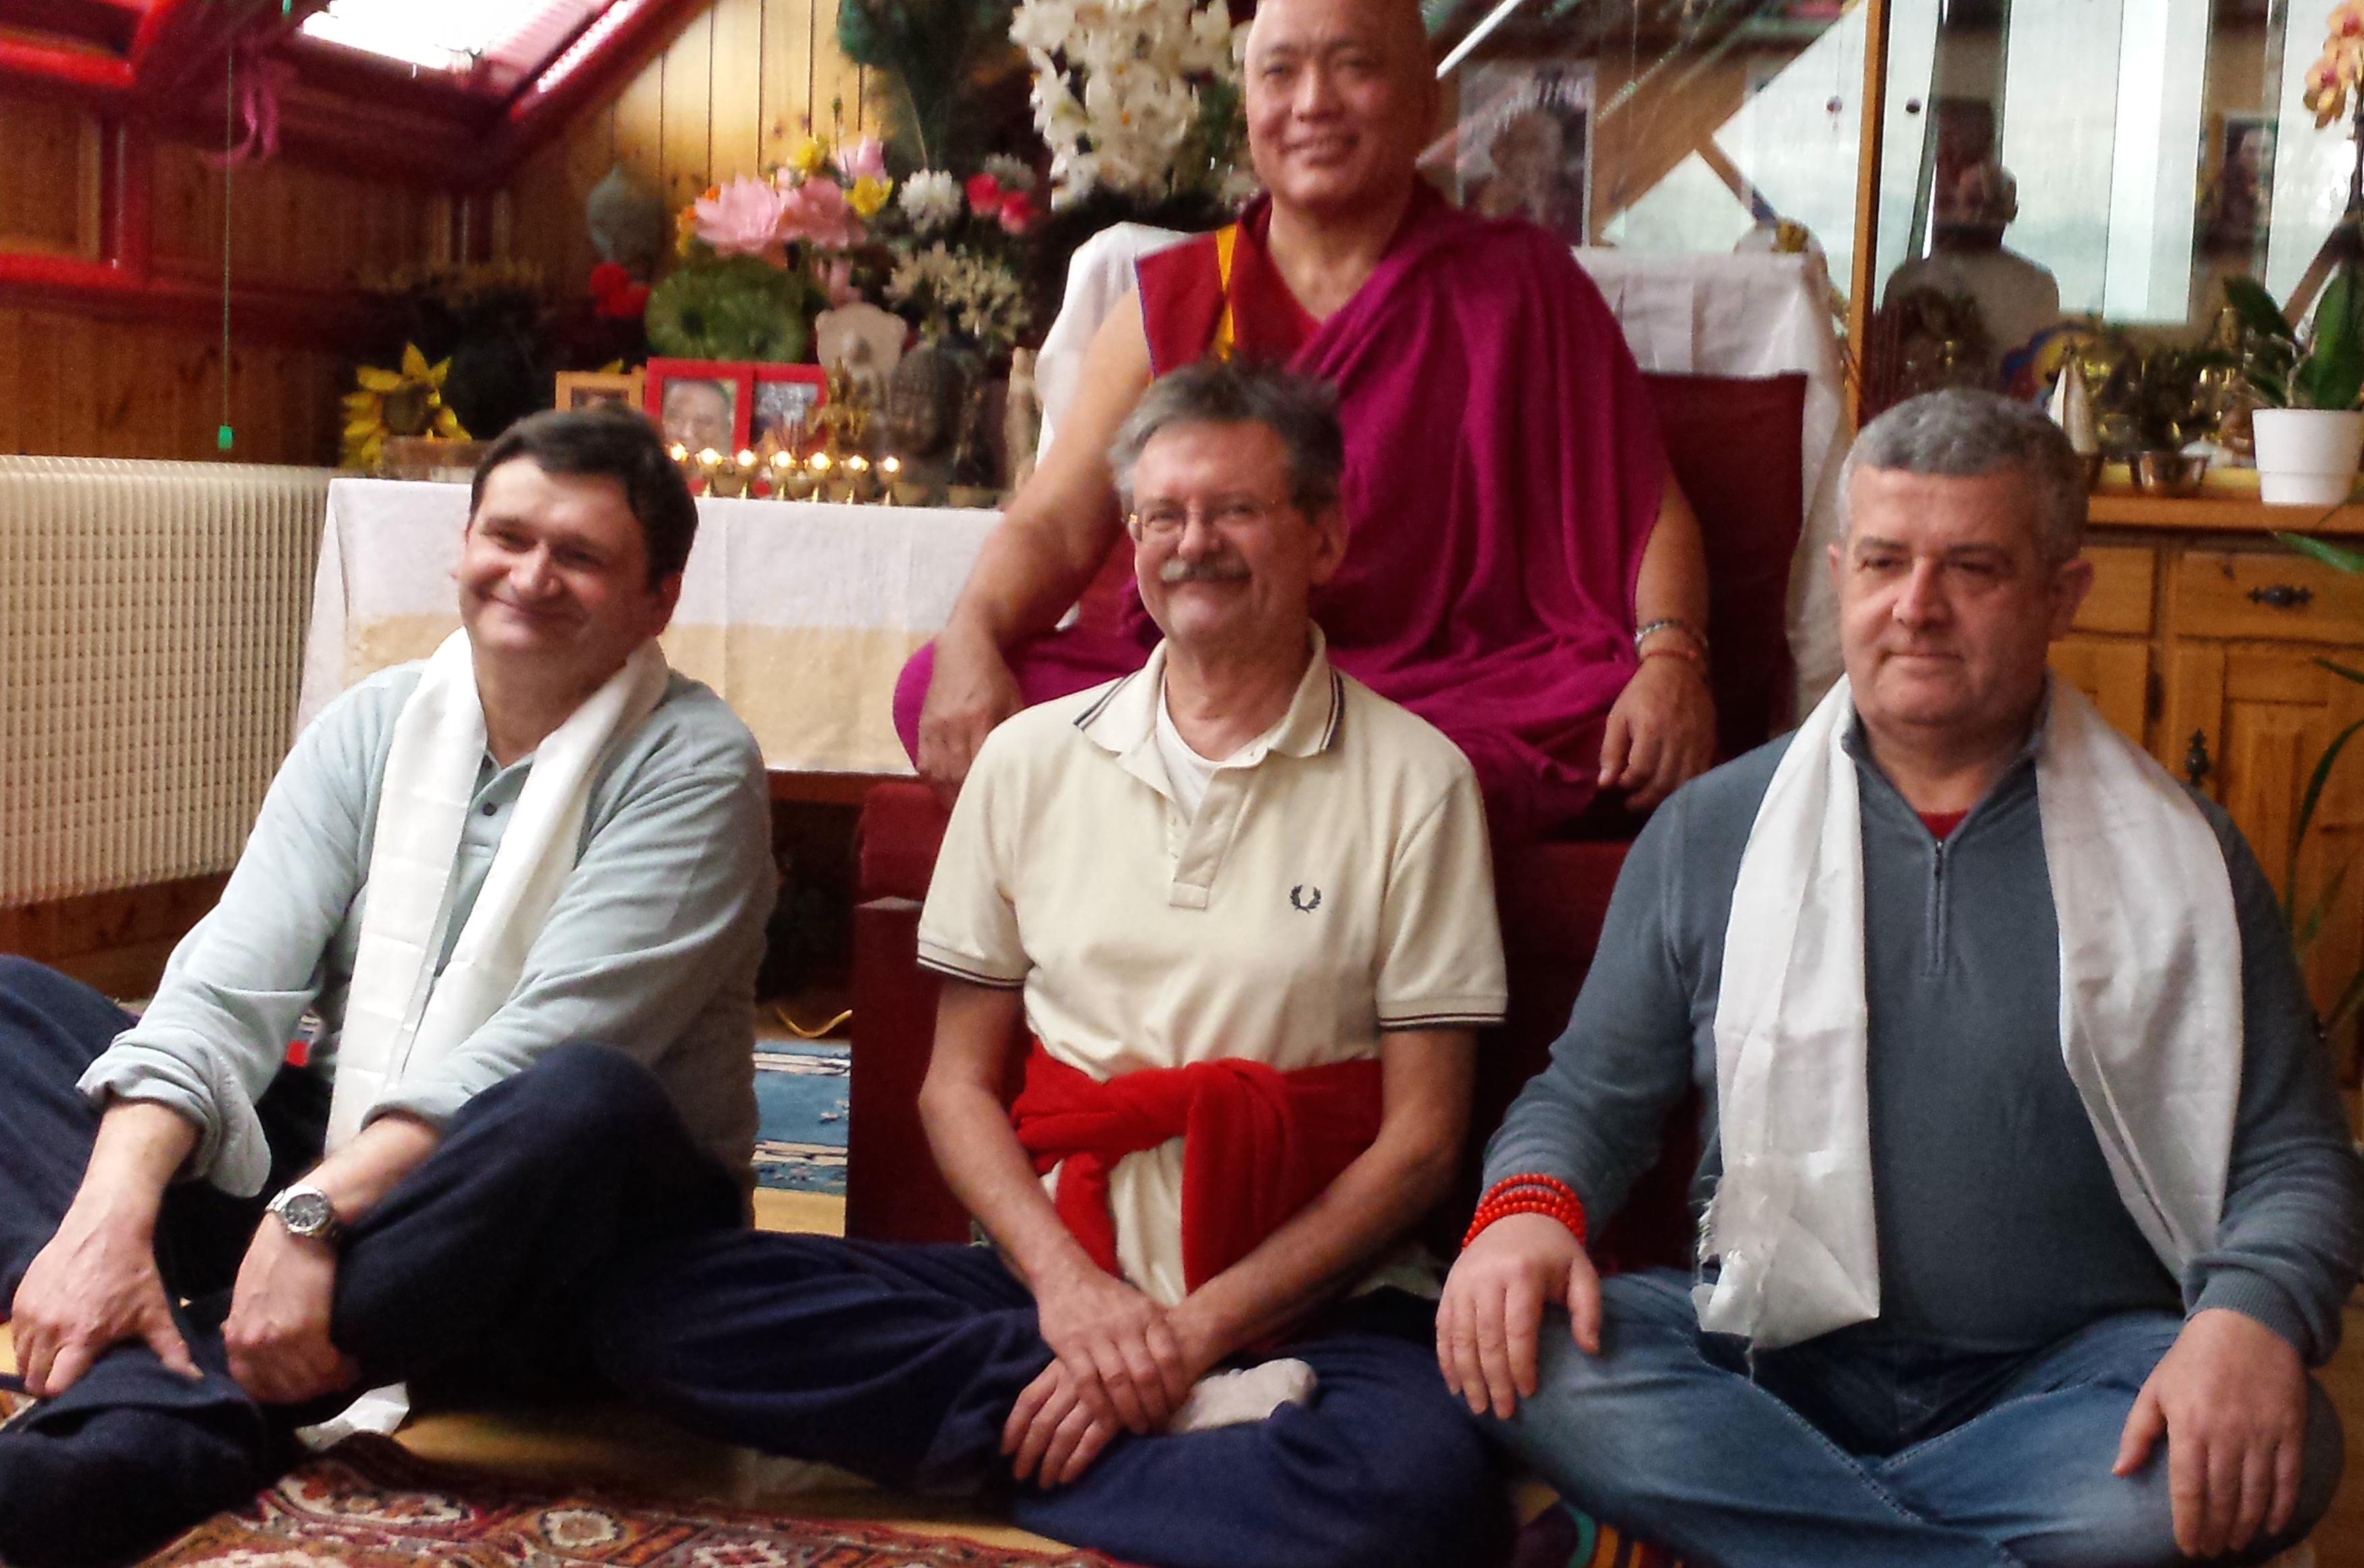 Ven. Ghesce Tenzin Tenphel: La pratica dell'altruismo